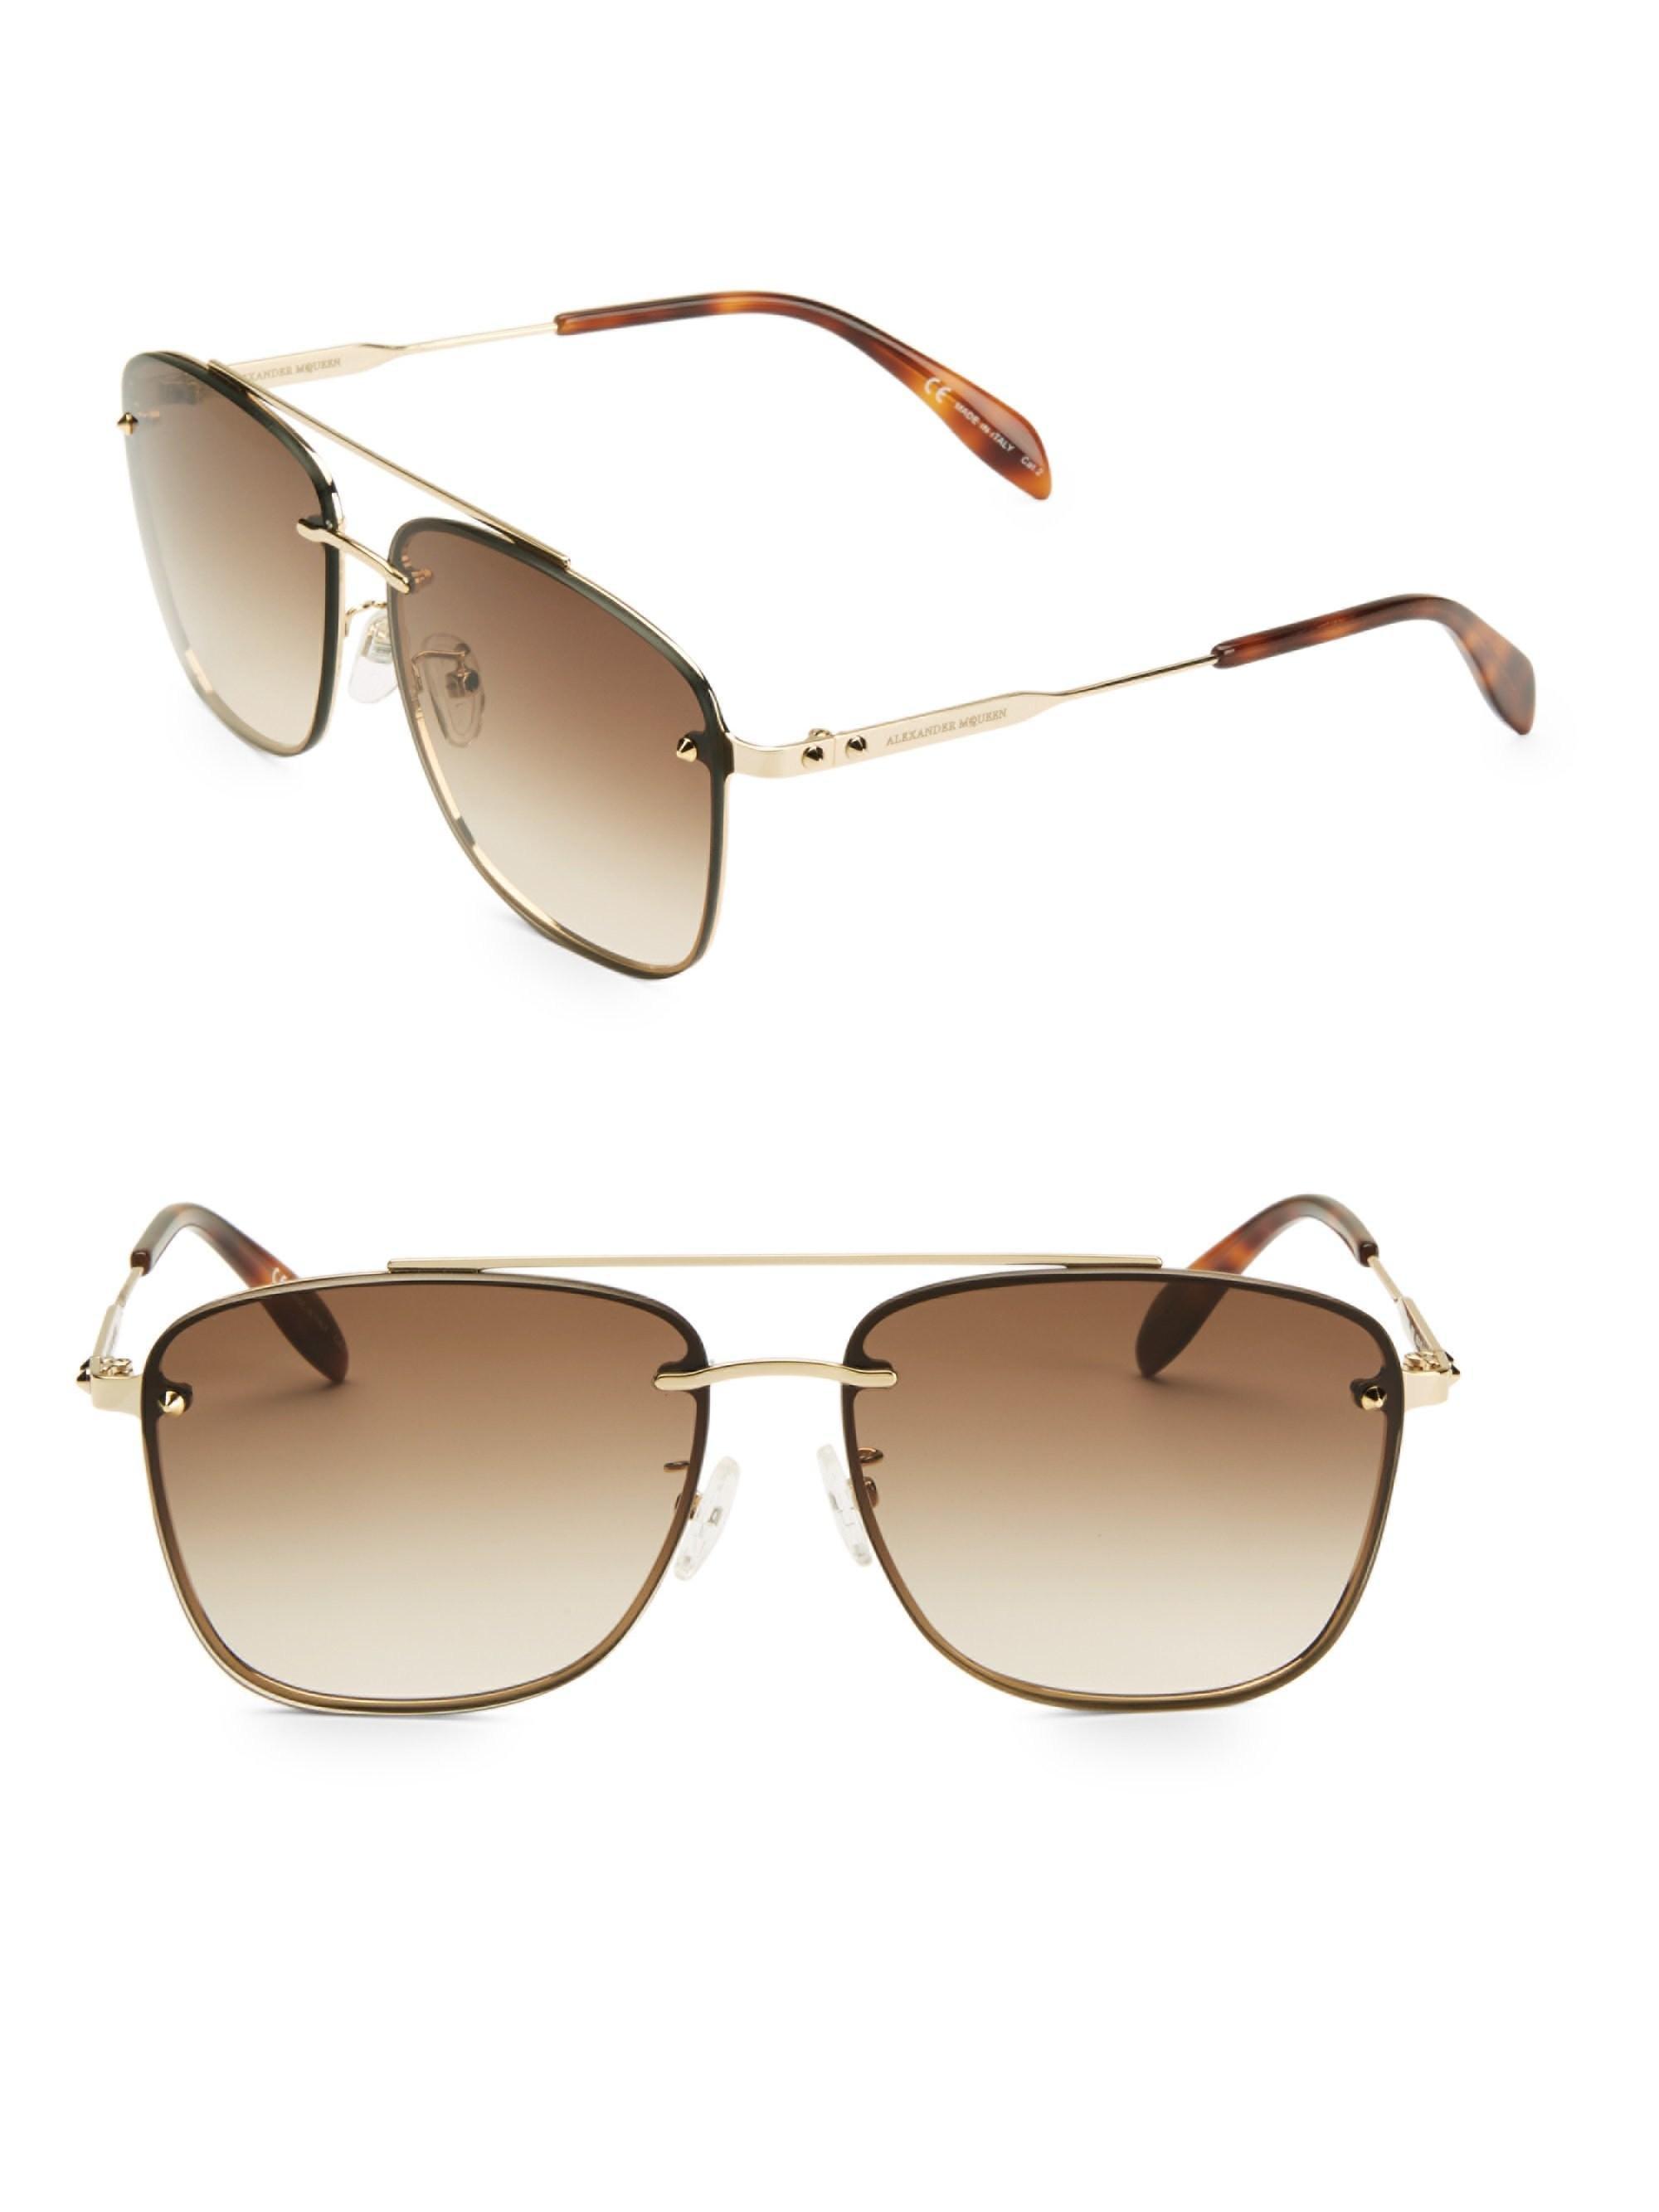 9ef22f2645dcd Lyst - Alexander McQueen Men s 62mm Sunglasses - Gold in Metallic ...